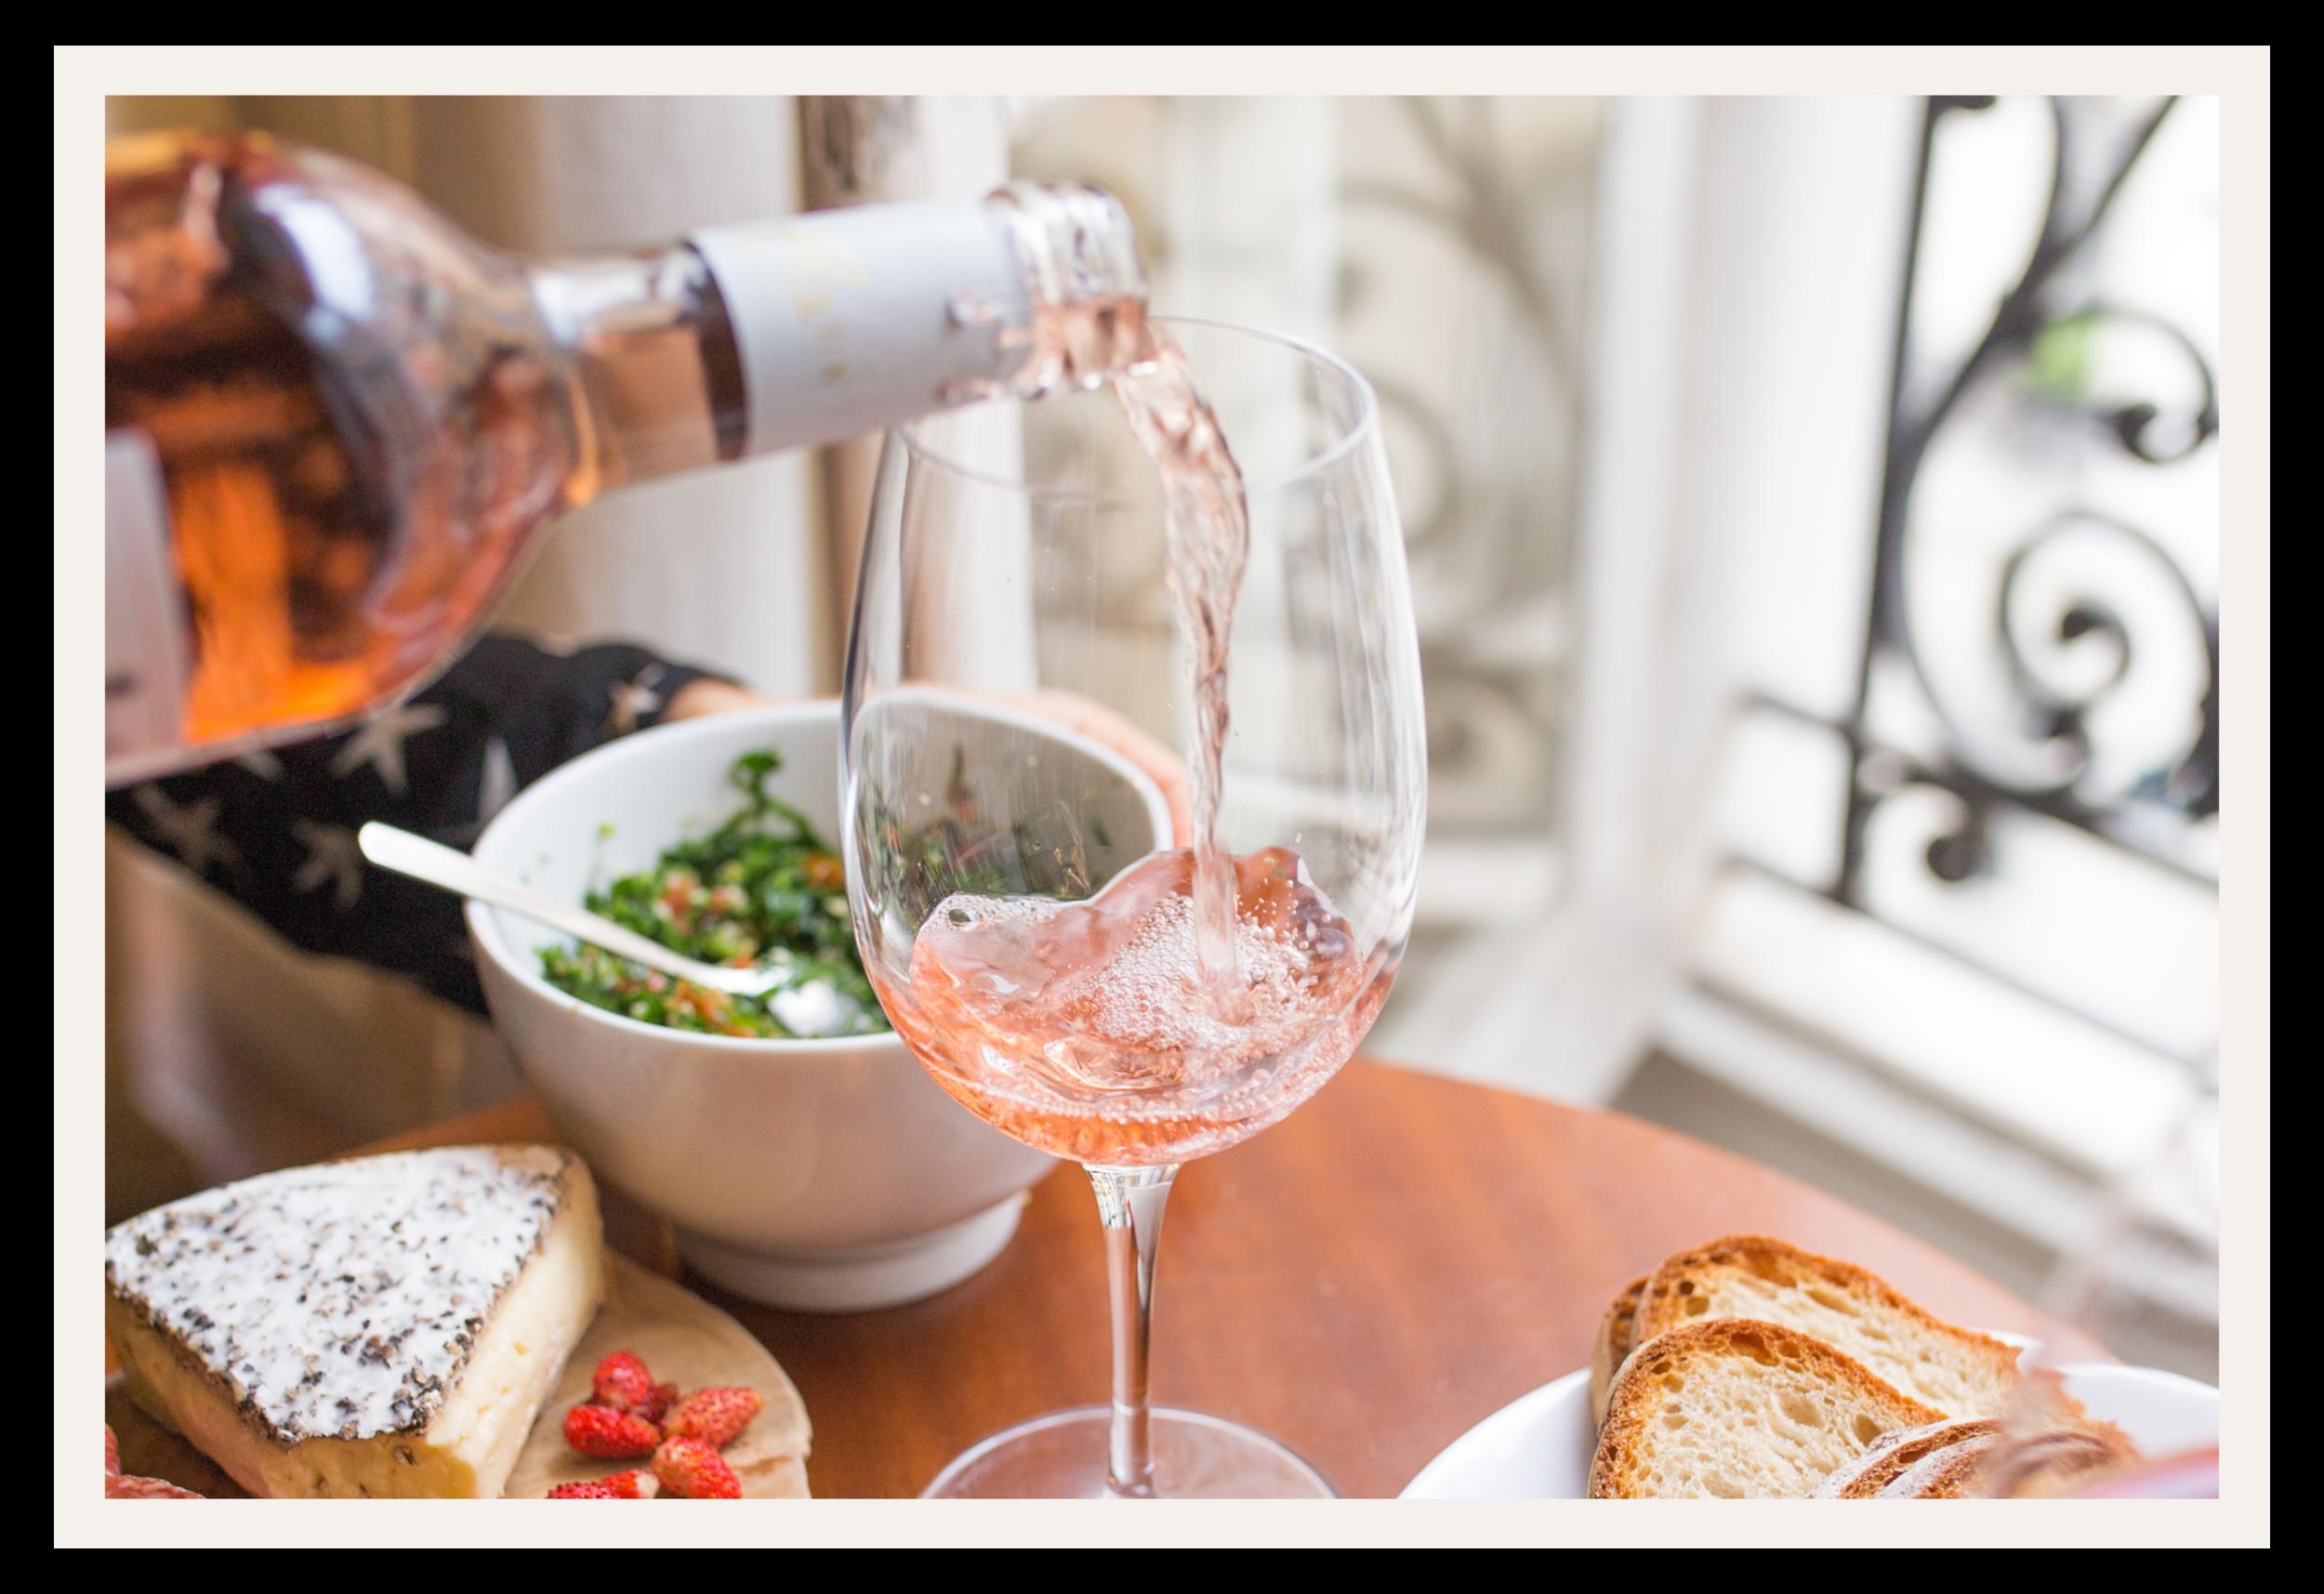 Food + Wine Photo Credit John Canelis via Unsplash